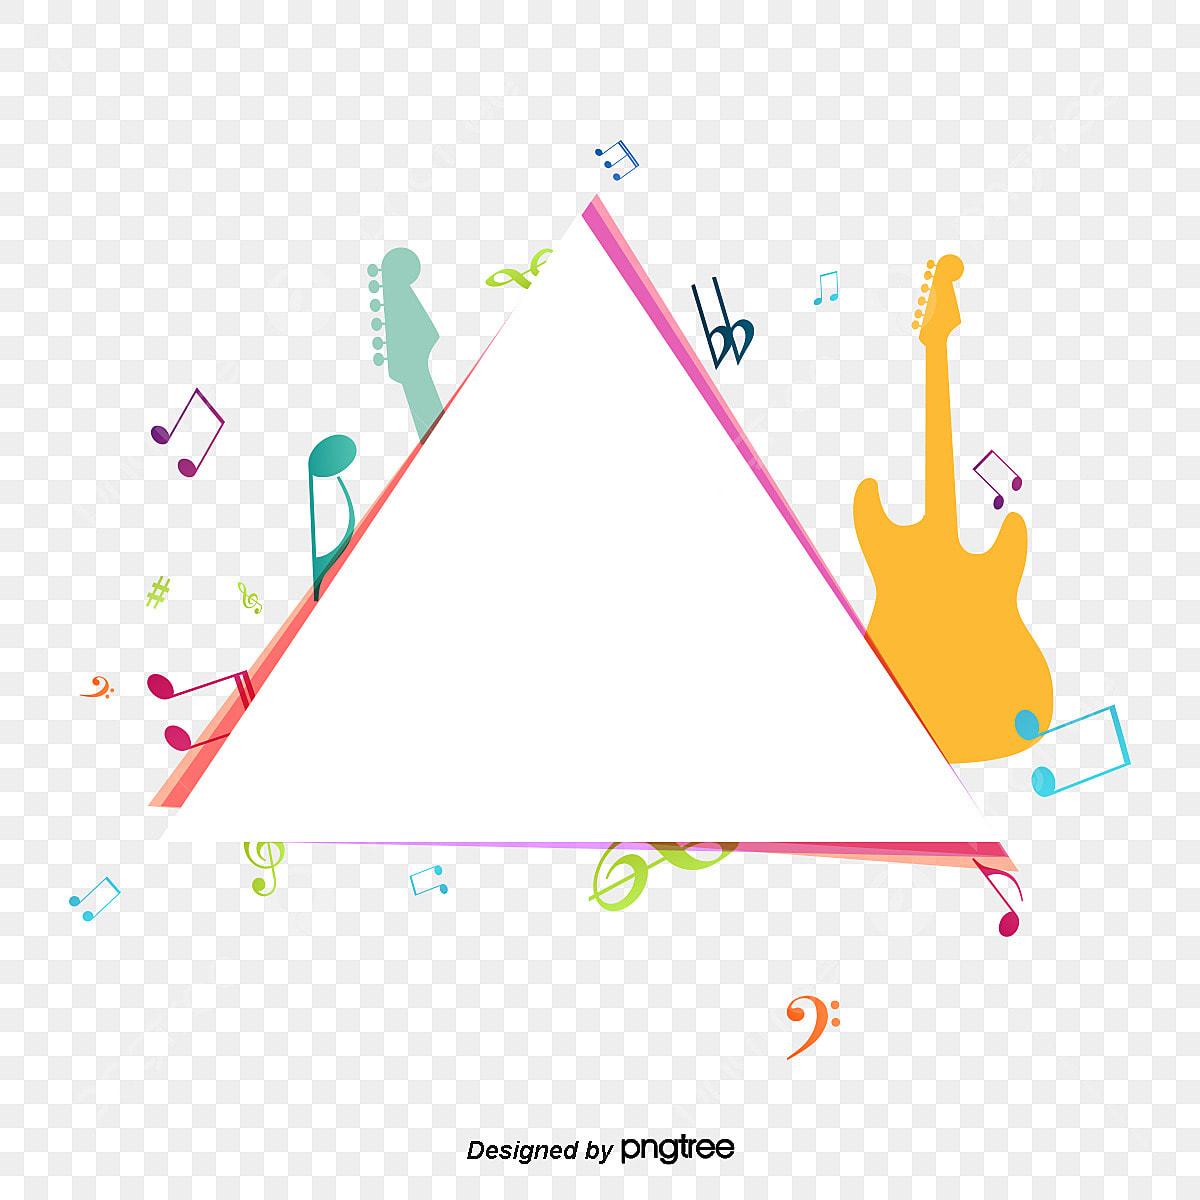 無料ダウンロードのための音楽要素音楽 音楽元素 音楽 音符png画像素材